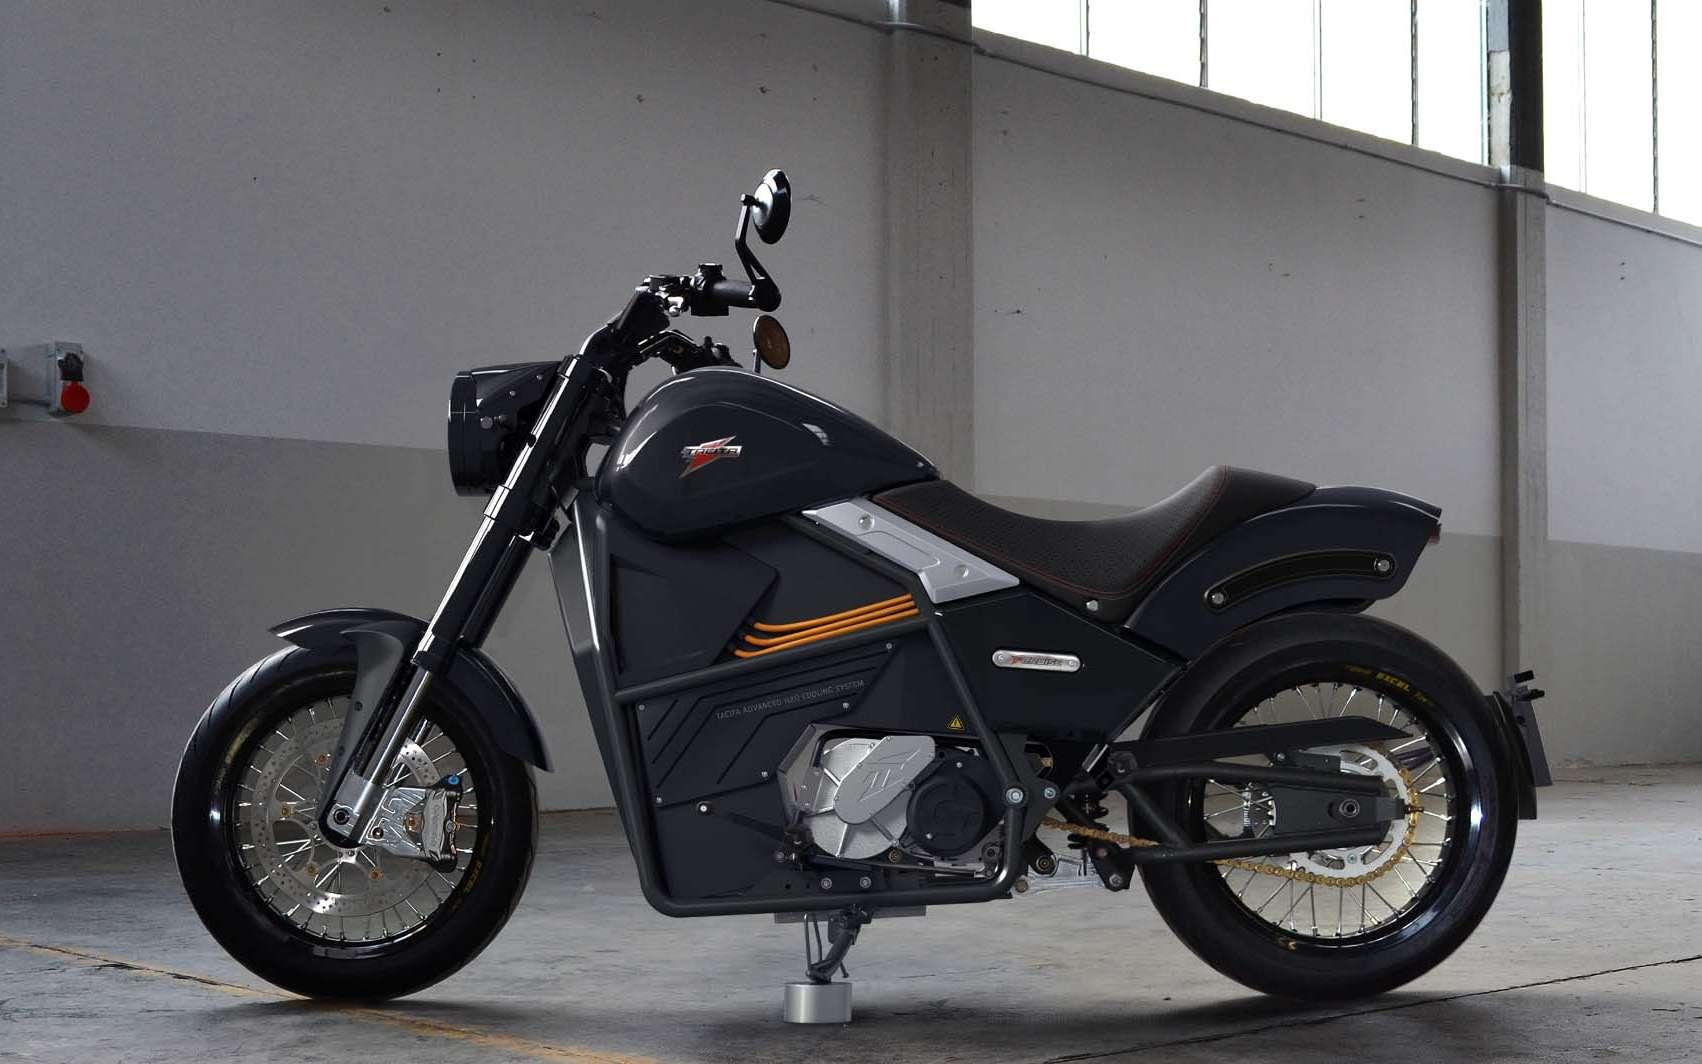 Le style de la Tacita T-Cruise Urban n'est pas sans rappeler celui de la Harley-Davidson LiveWire. © Tacita